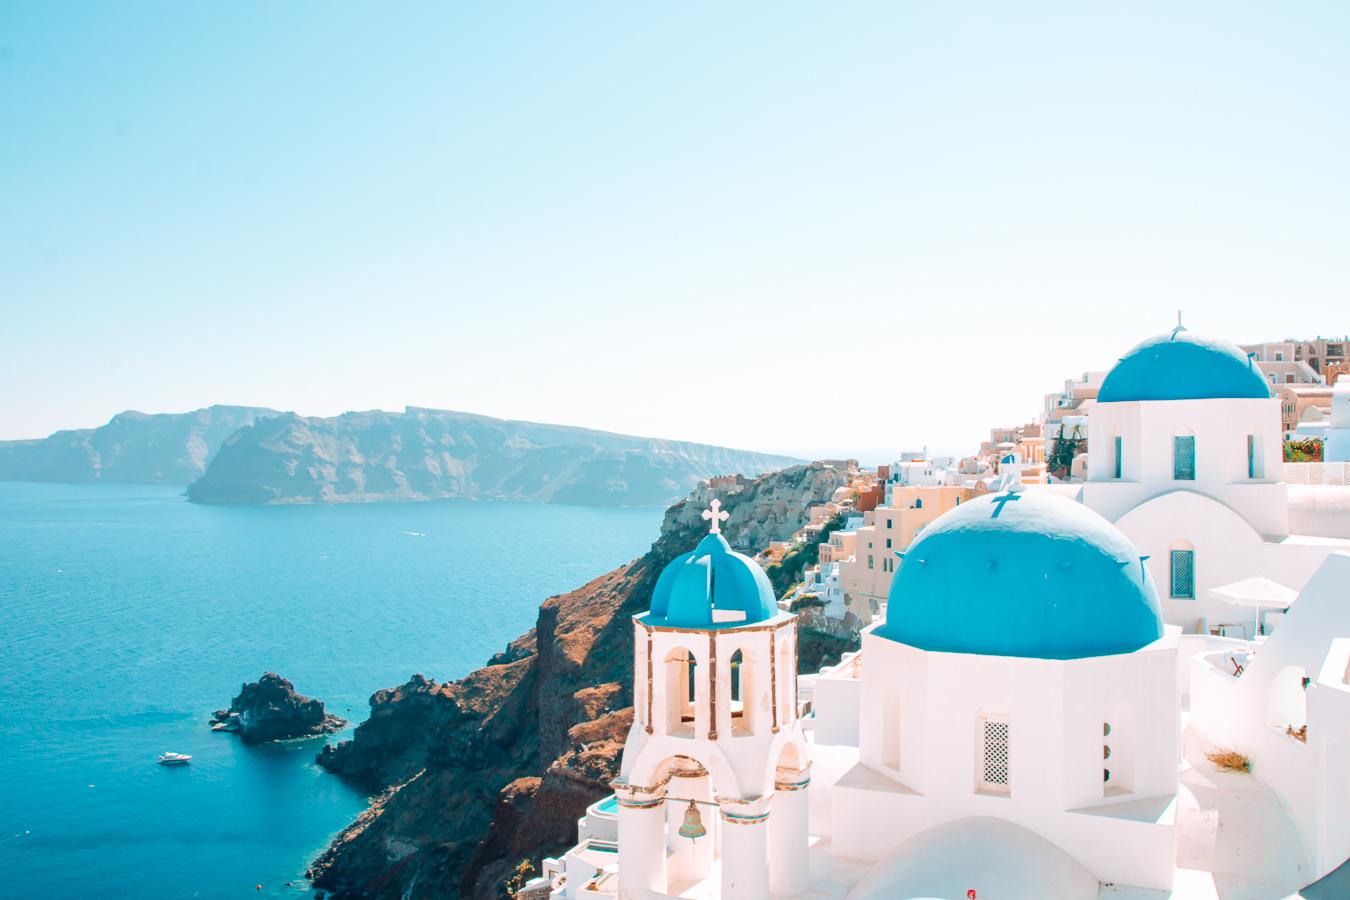 Blue domes in Santorini